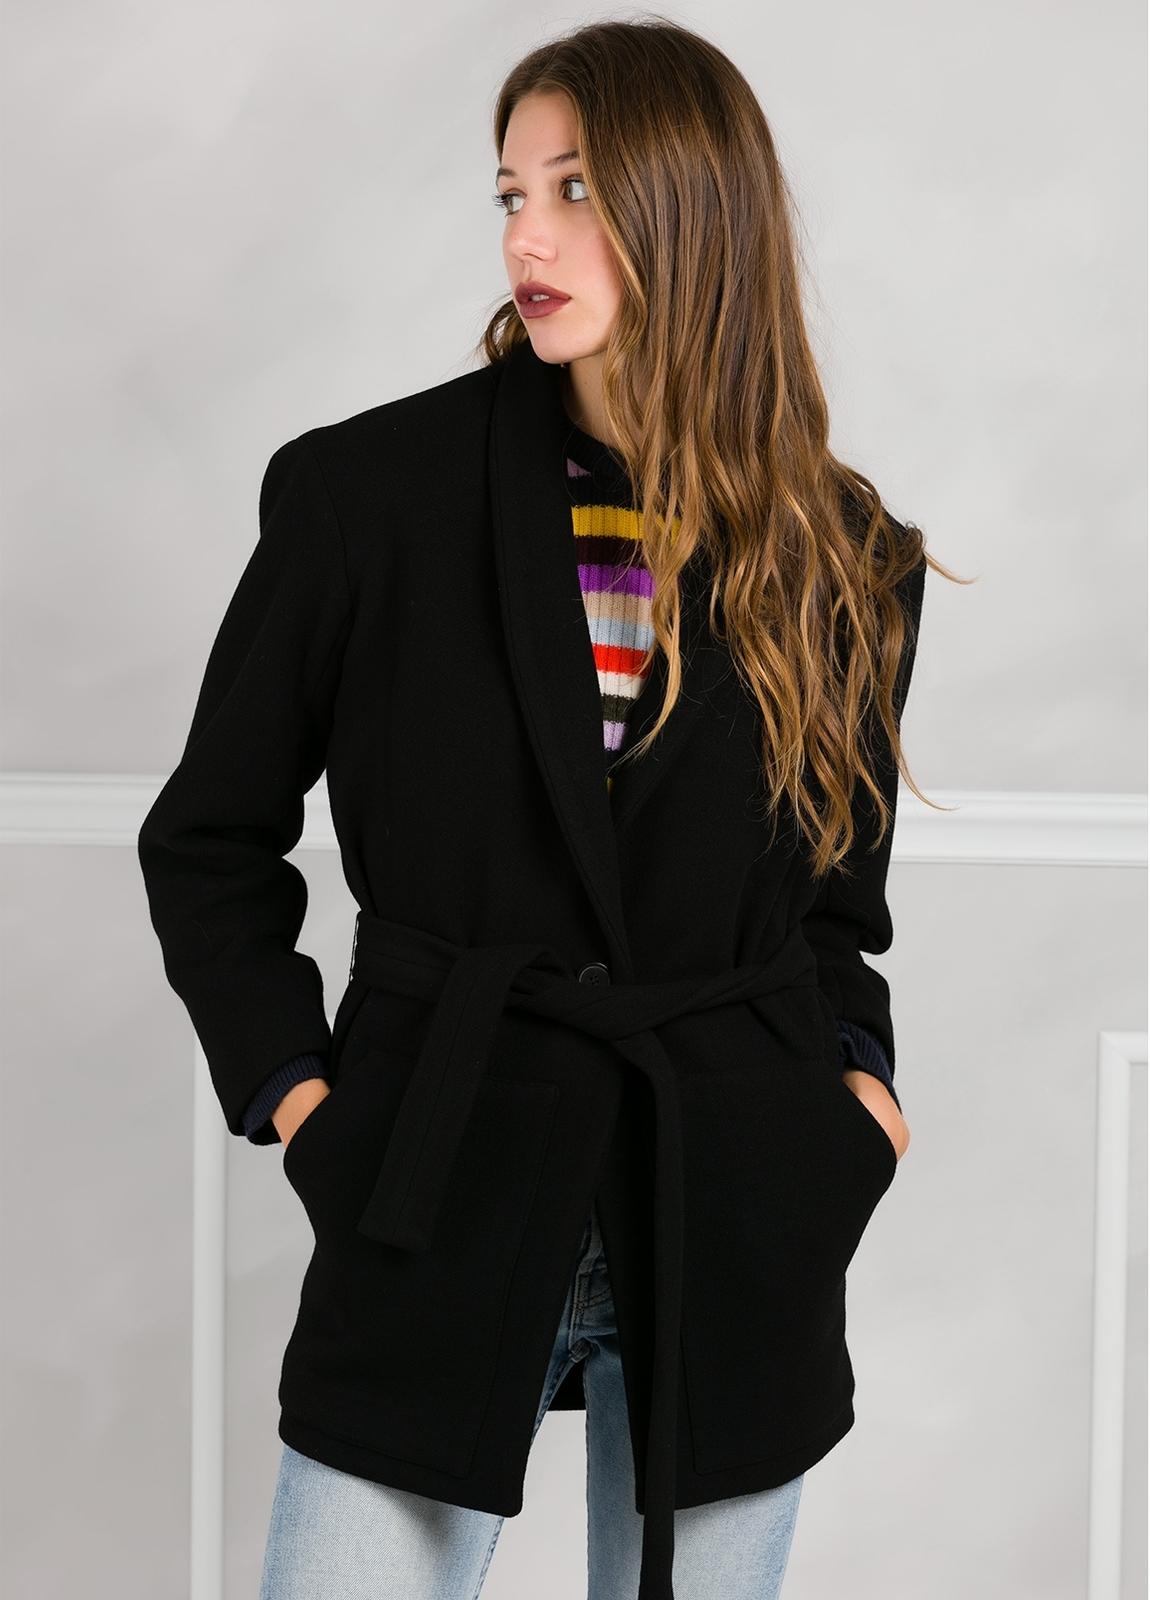 Abrigo color negro con cierre de botón. 76% Poliester 21% Viscosa 3% Elastán.